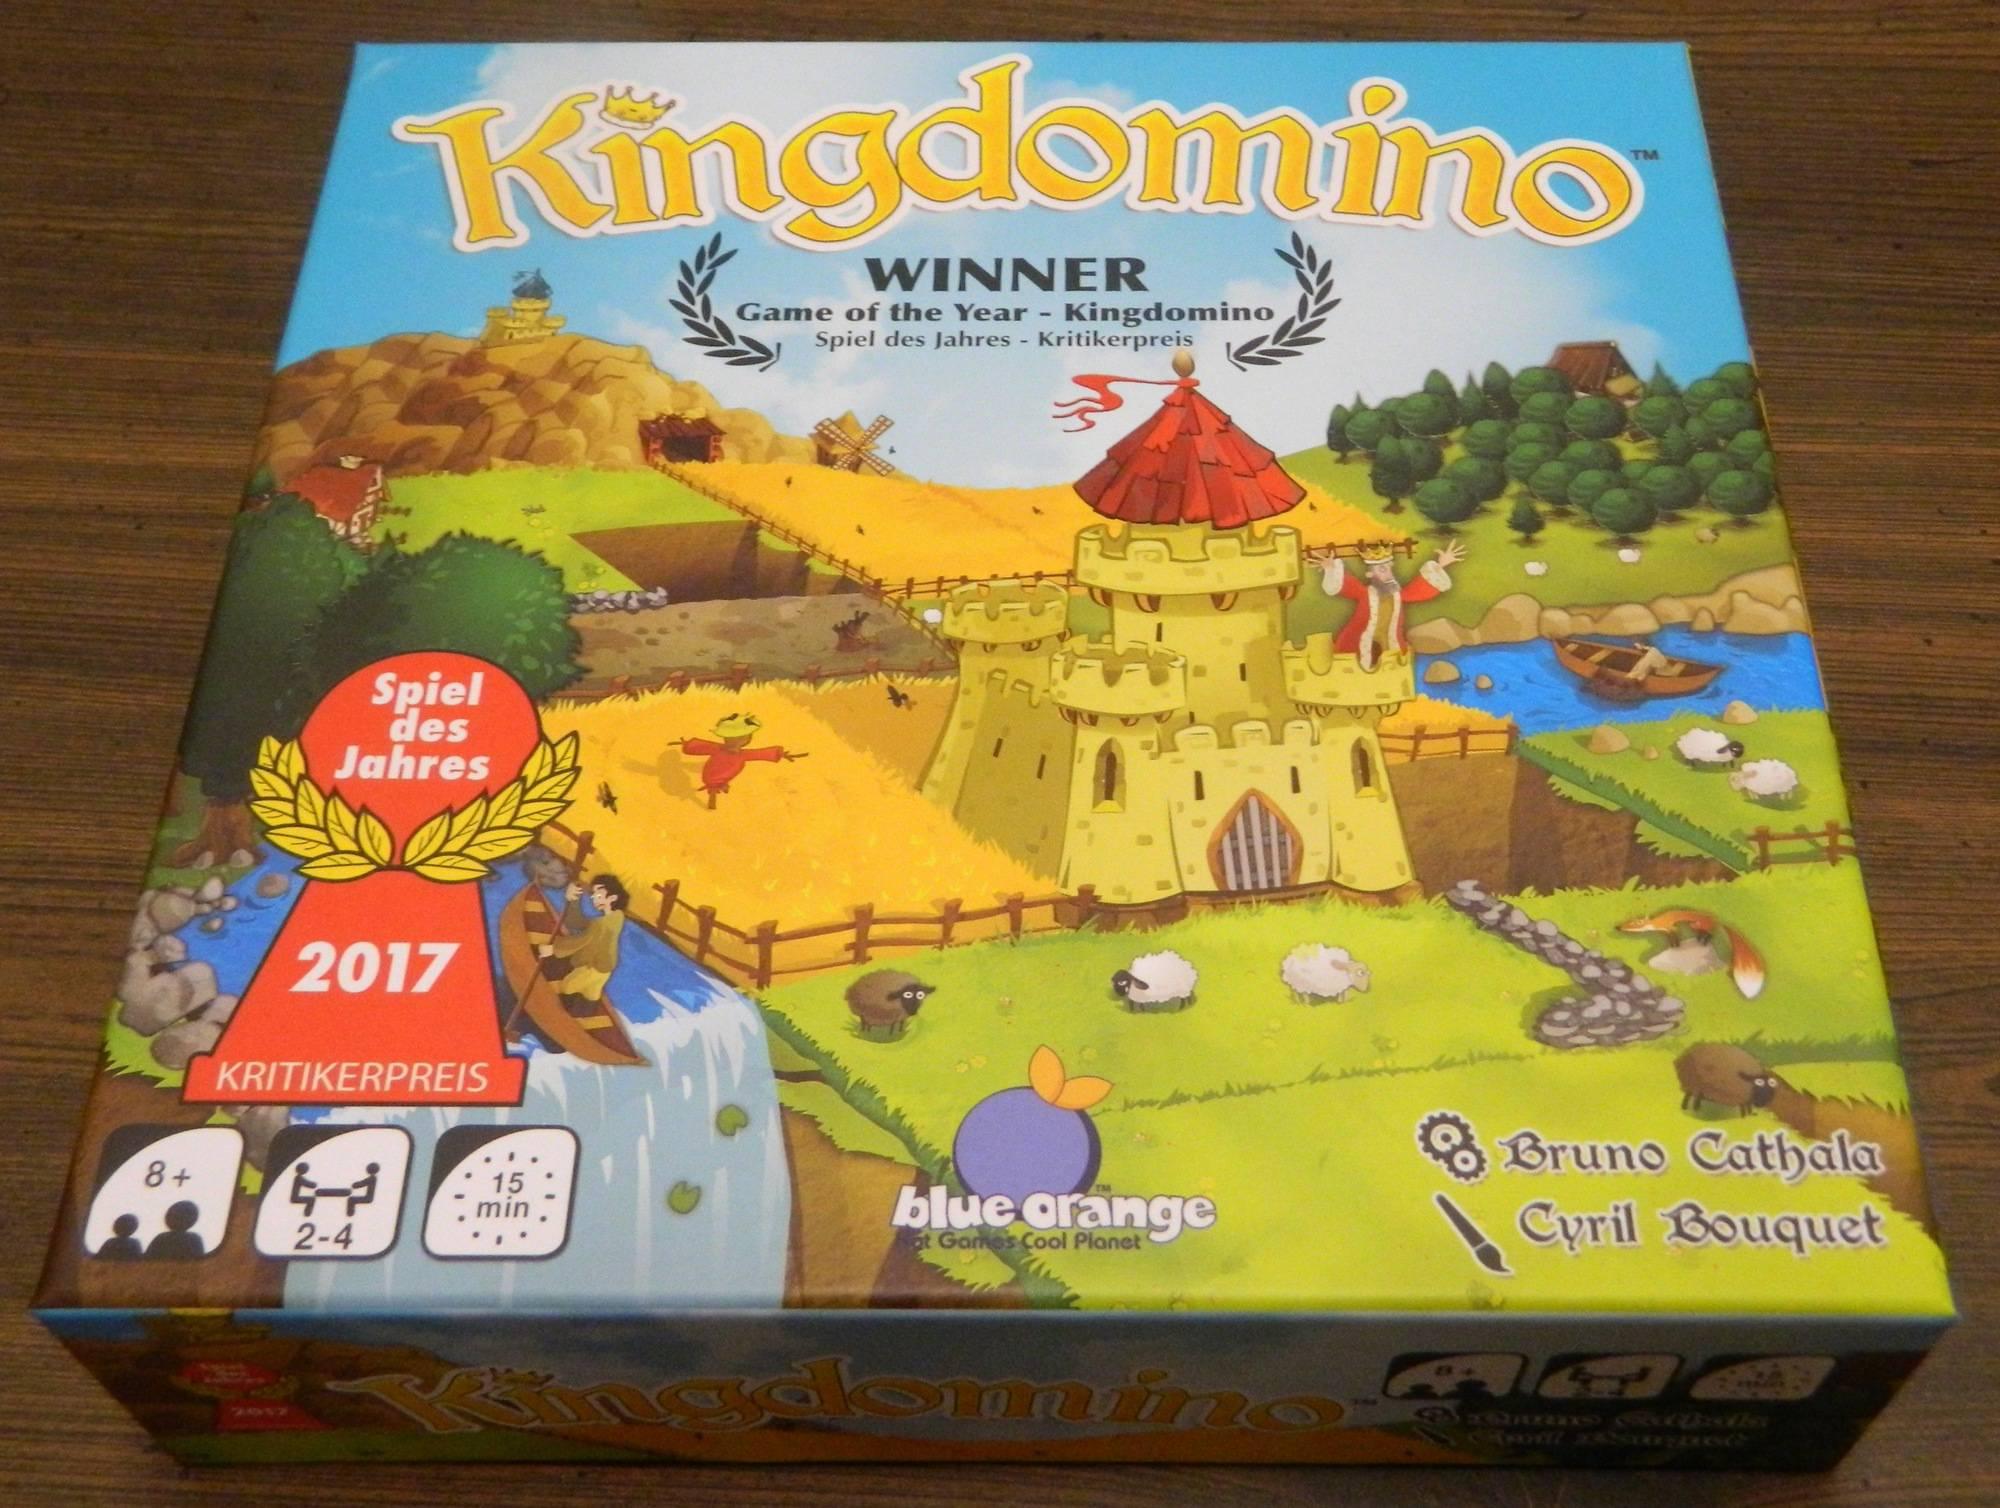 Box for Kingdomino